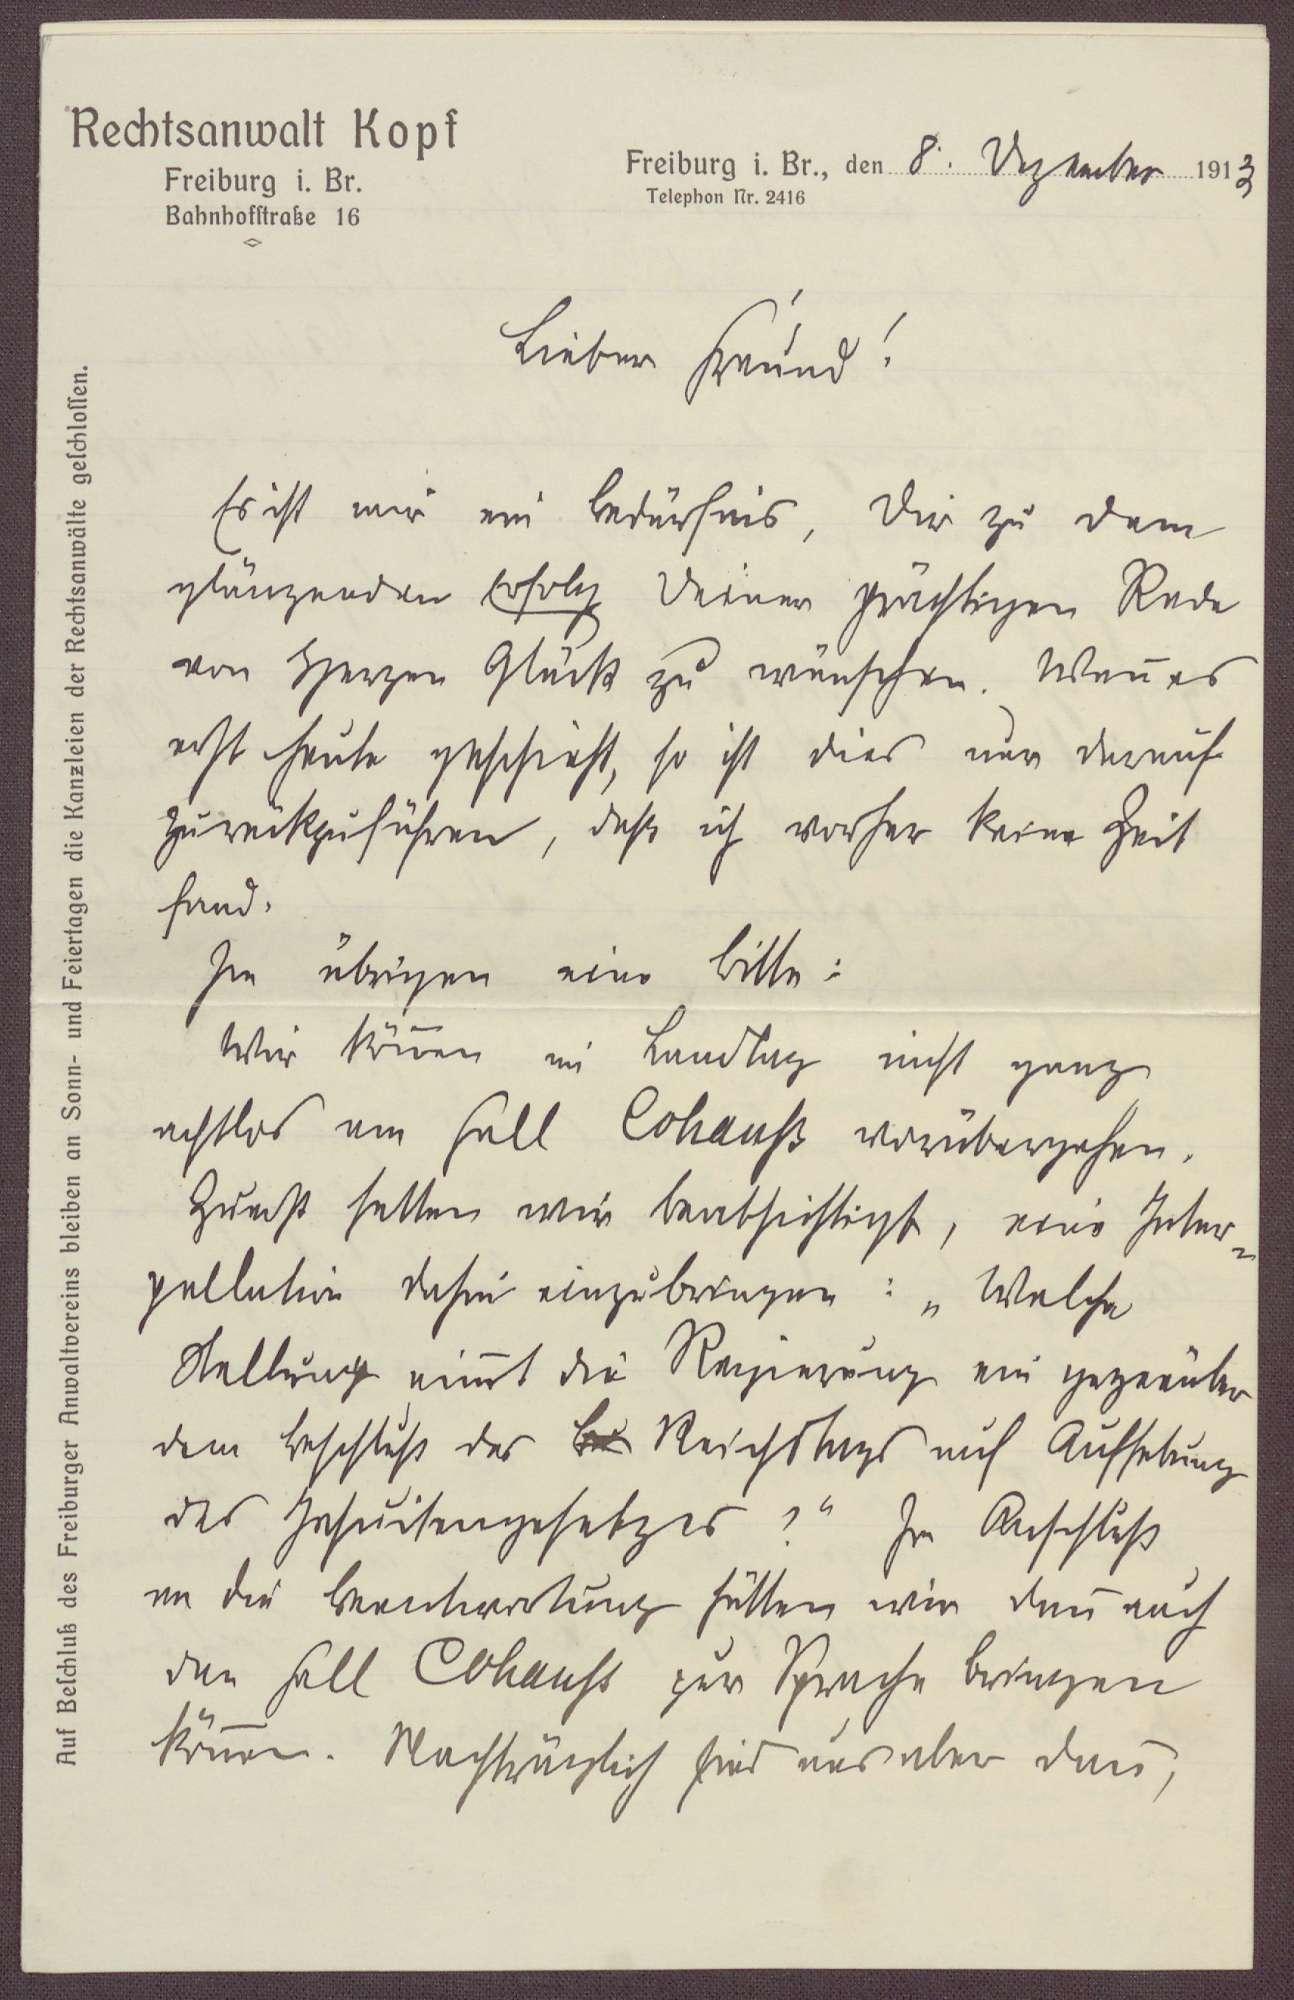 Schreiben von Ferdinand Kopf, Rechtsanwalt in Freiburg, an Constantin Fehrenbach, 2 Schreiben, Lob für die Zabern-Rede und Einschätzung der politischen Lage im Deutschen Reich, Bild 1